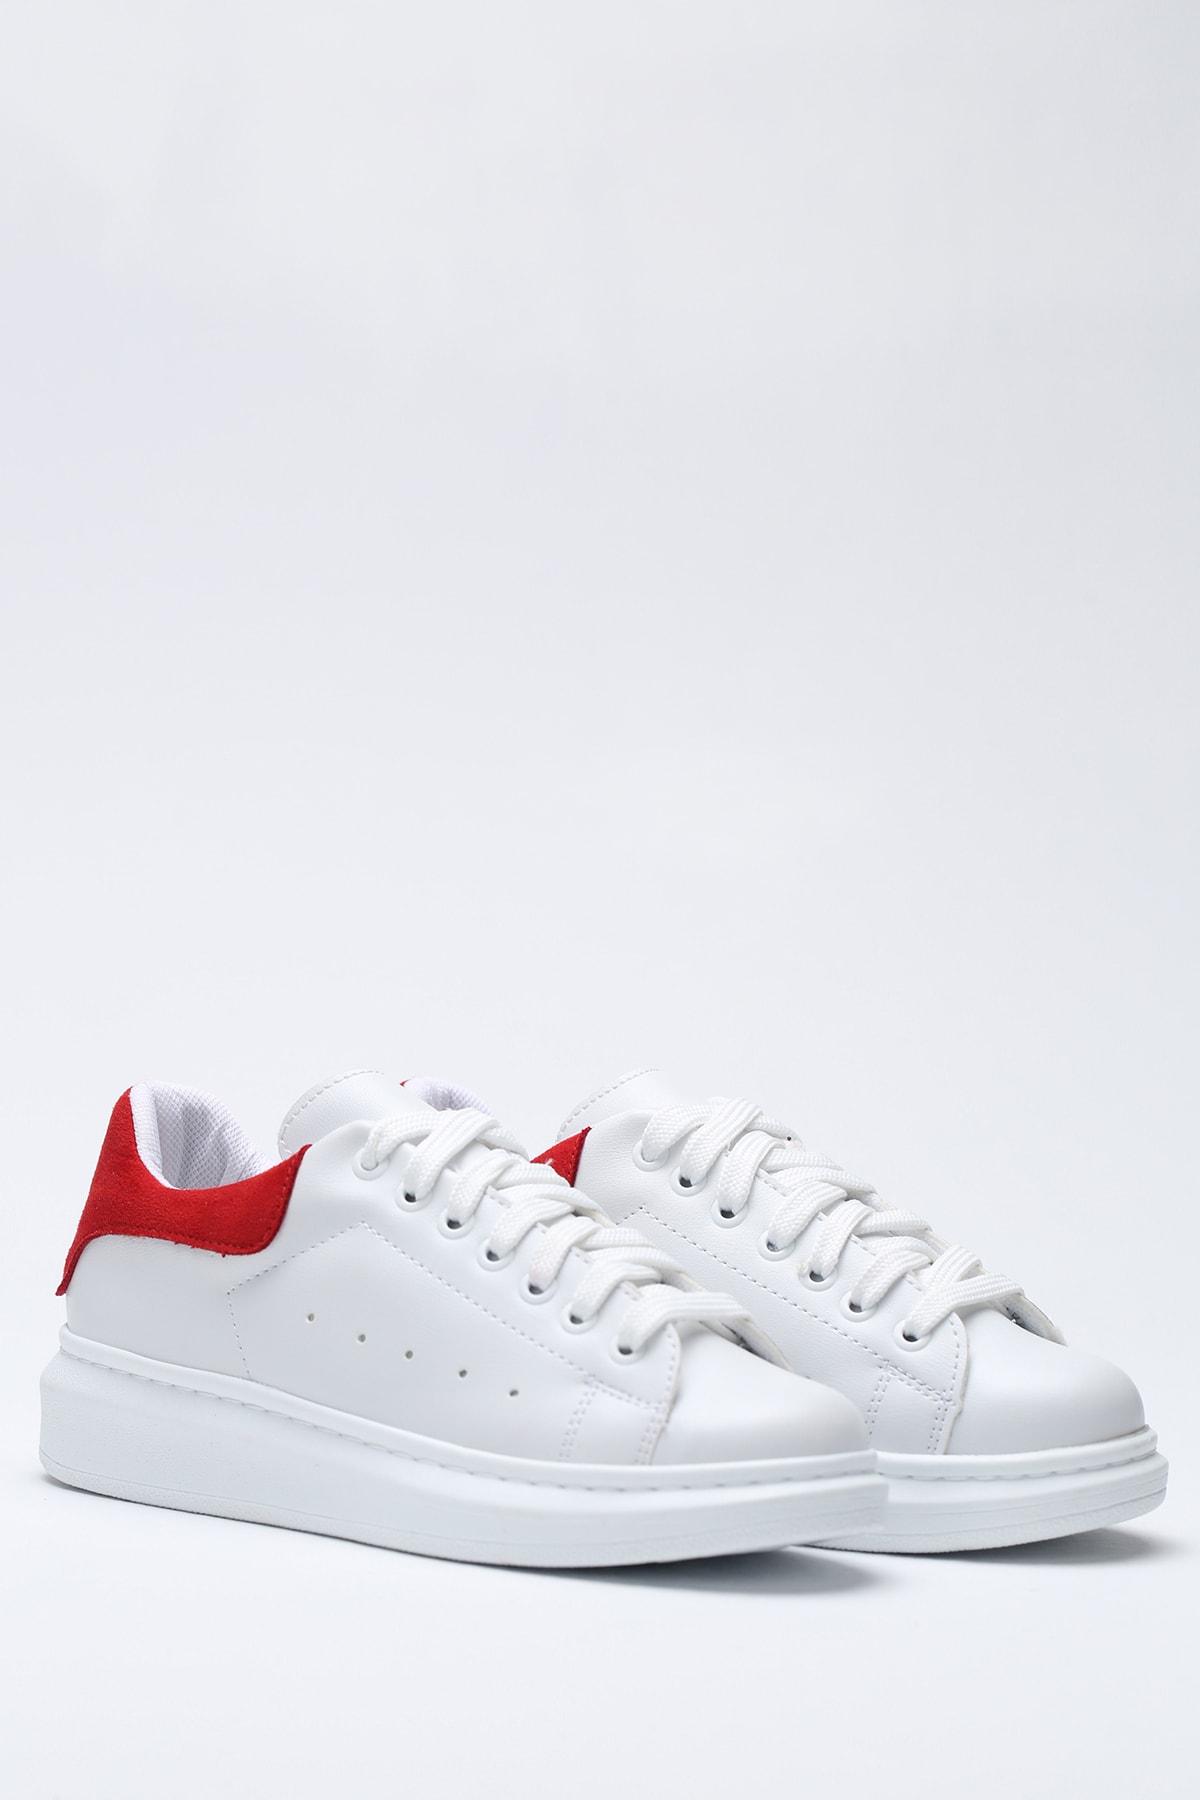 Ayakkabı Modası Beyaz-Kırmızı Kadın Casual Ayakkabı 5007-20-110001 4